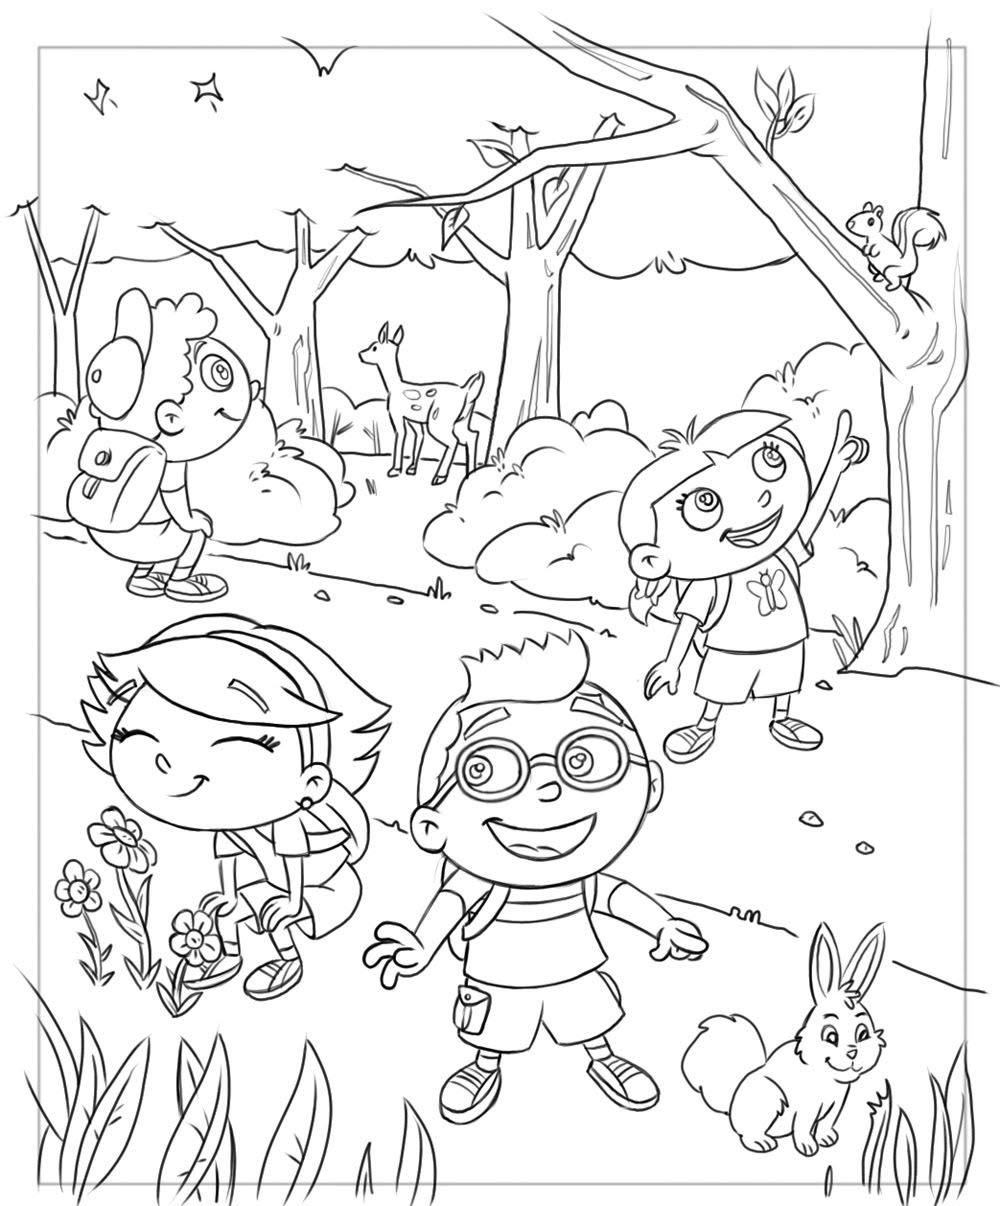 little einstien coloring pages - photo#17